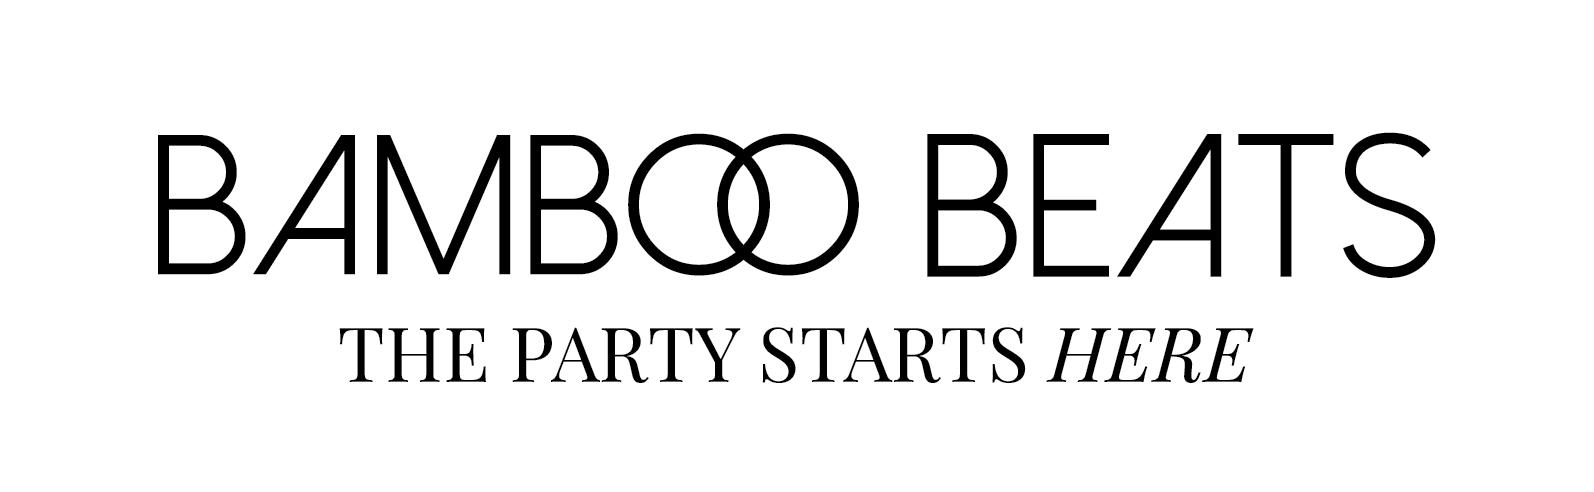 bb_2018_logo1.png